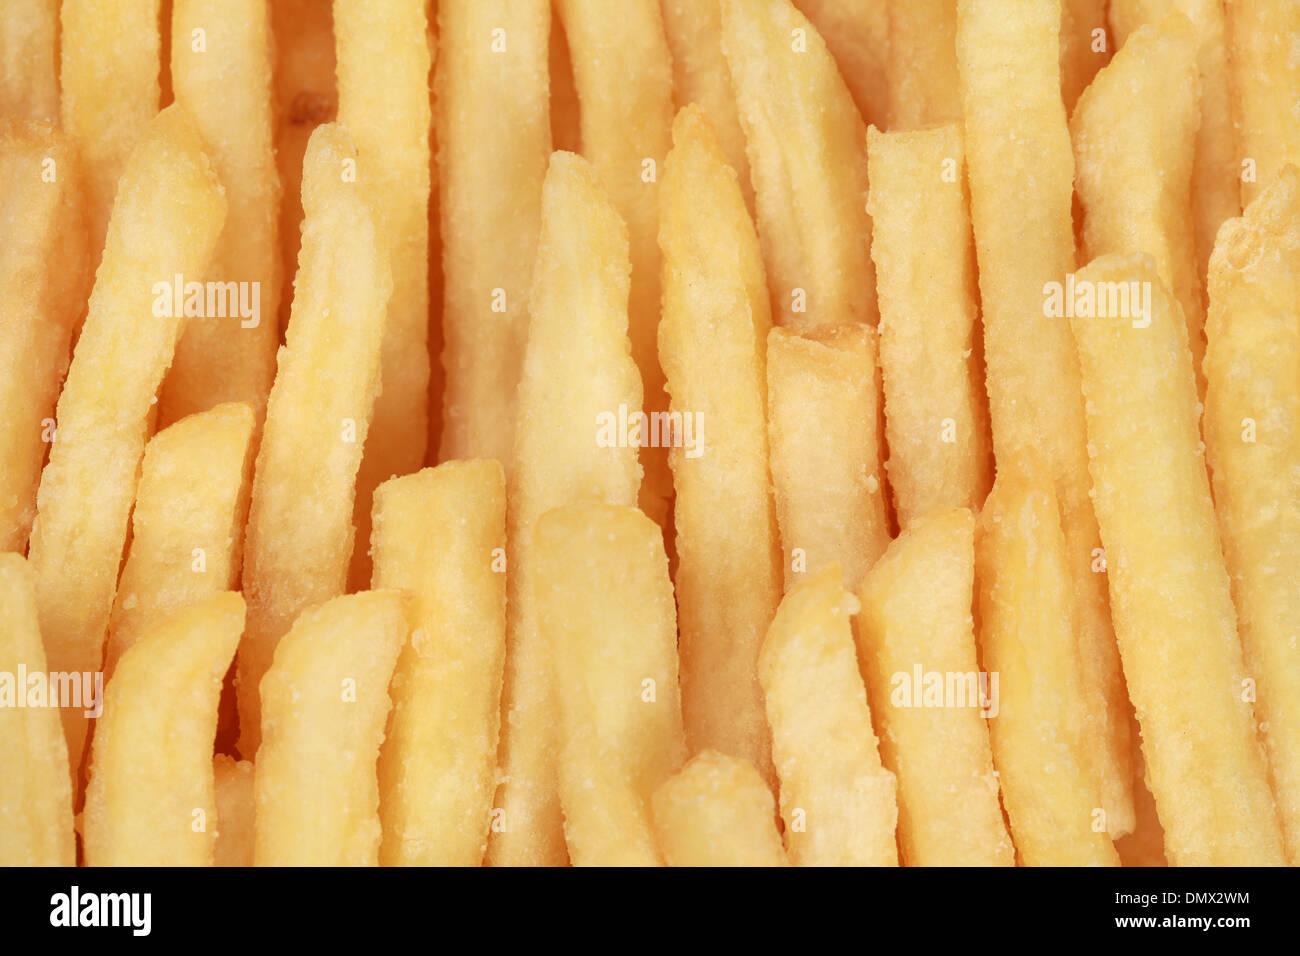 Patate fritte formando un fast food background Immagini Stock